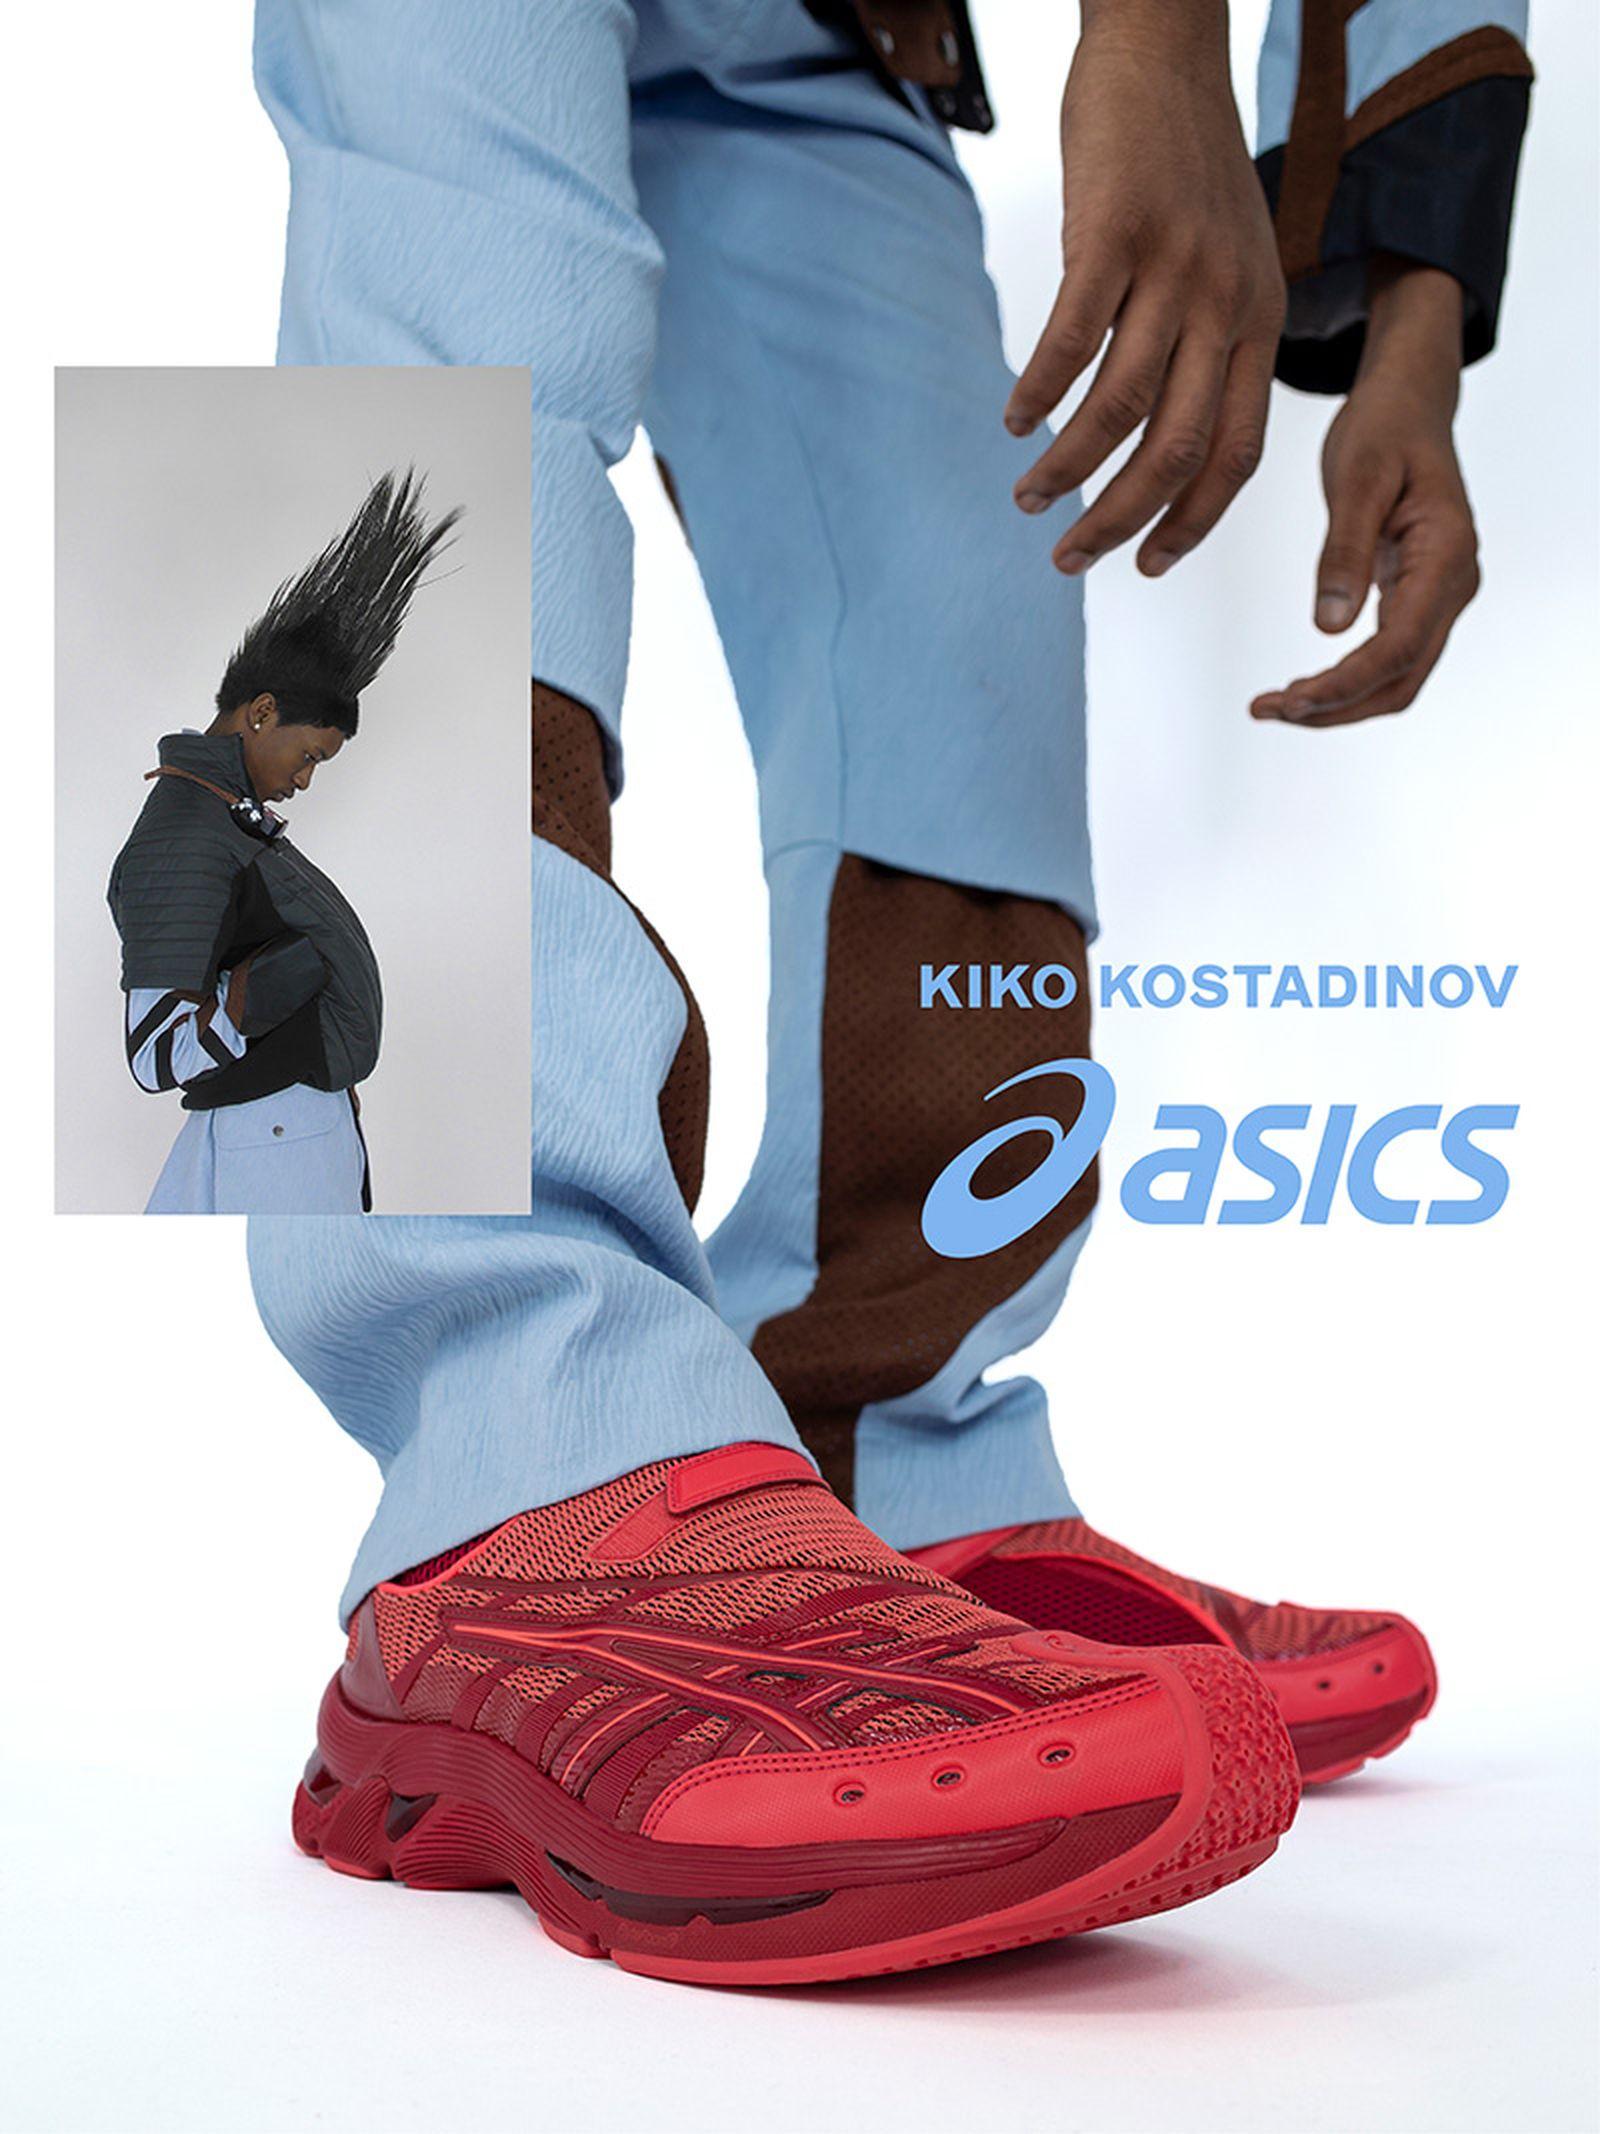 kiko-kostadinov-asics-gel-kiril-2-release-date-price-campaign-03